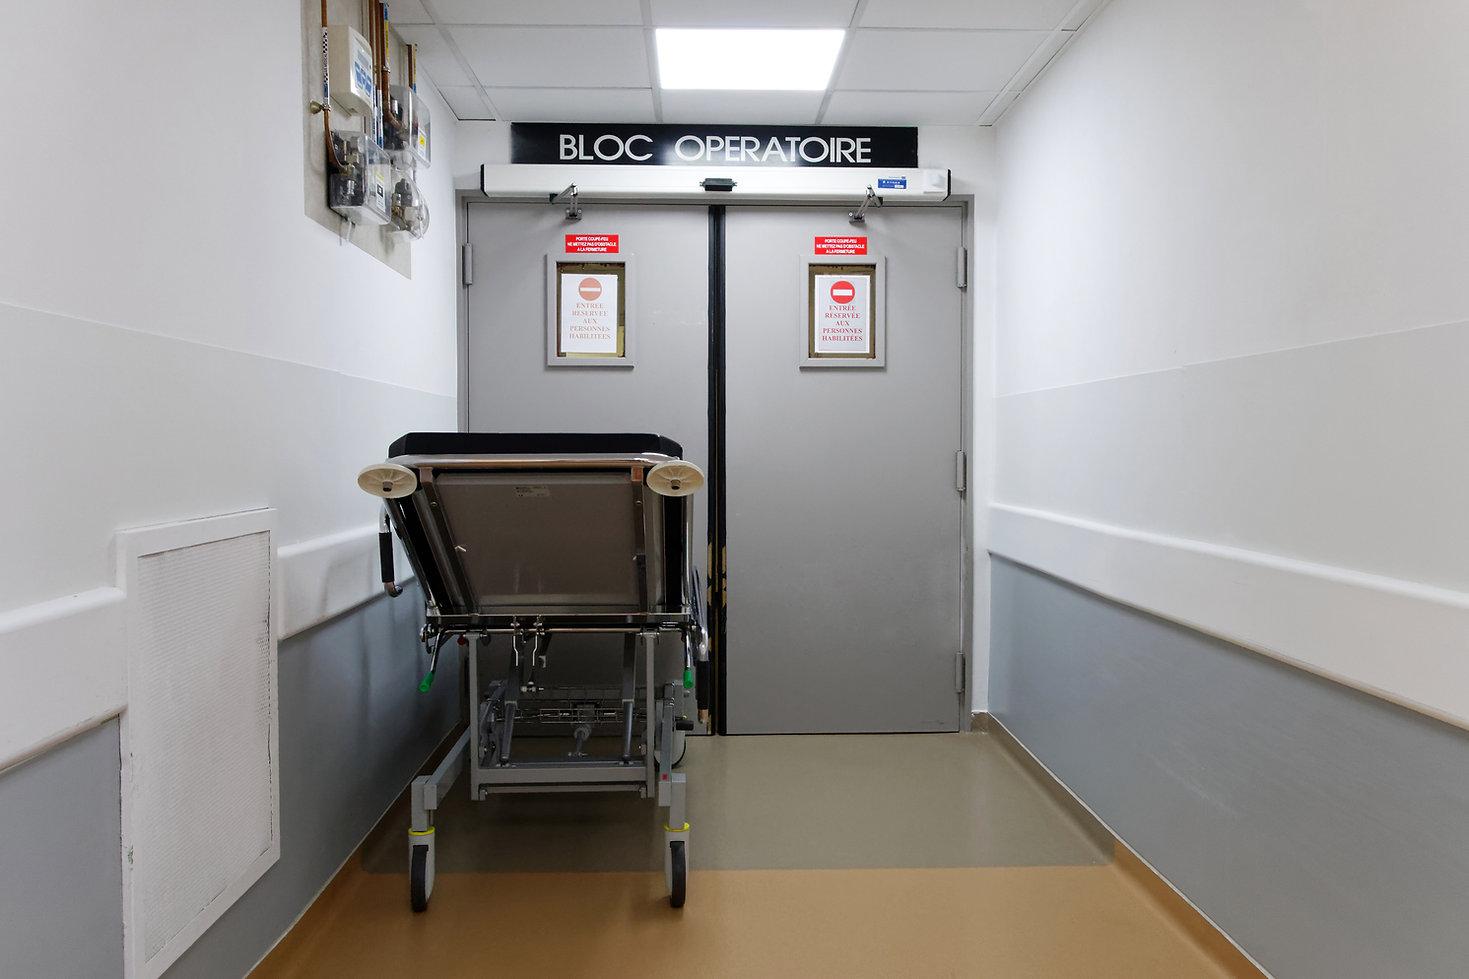 Entrée d'un bloc opératoire